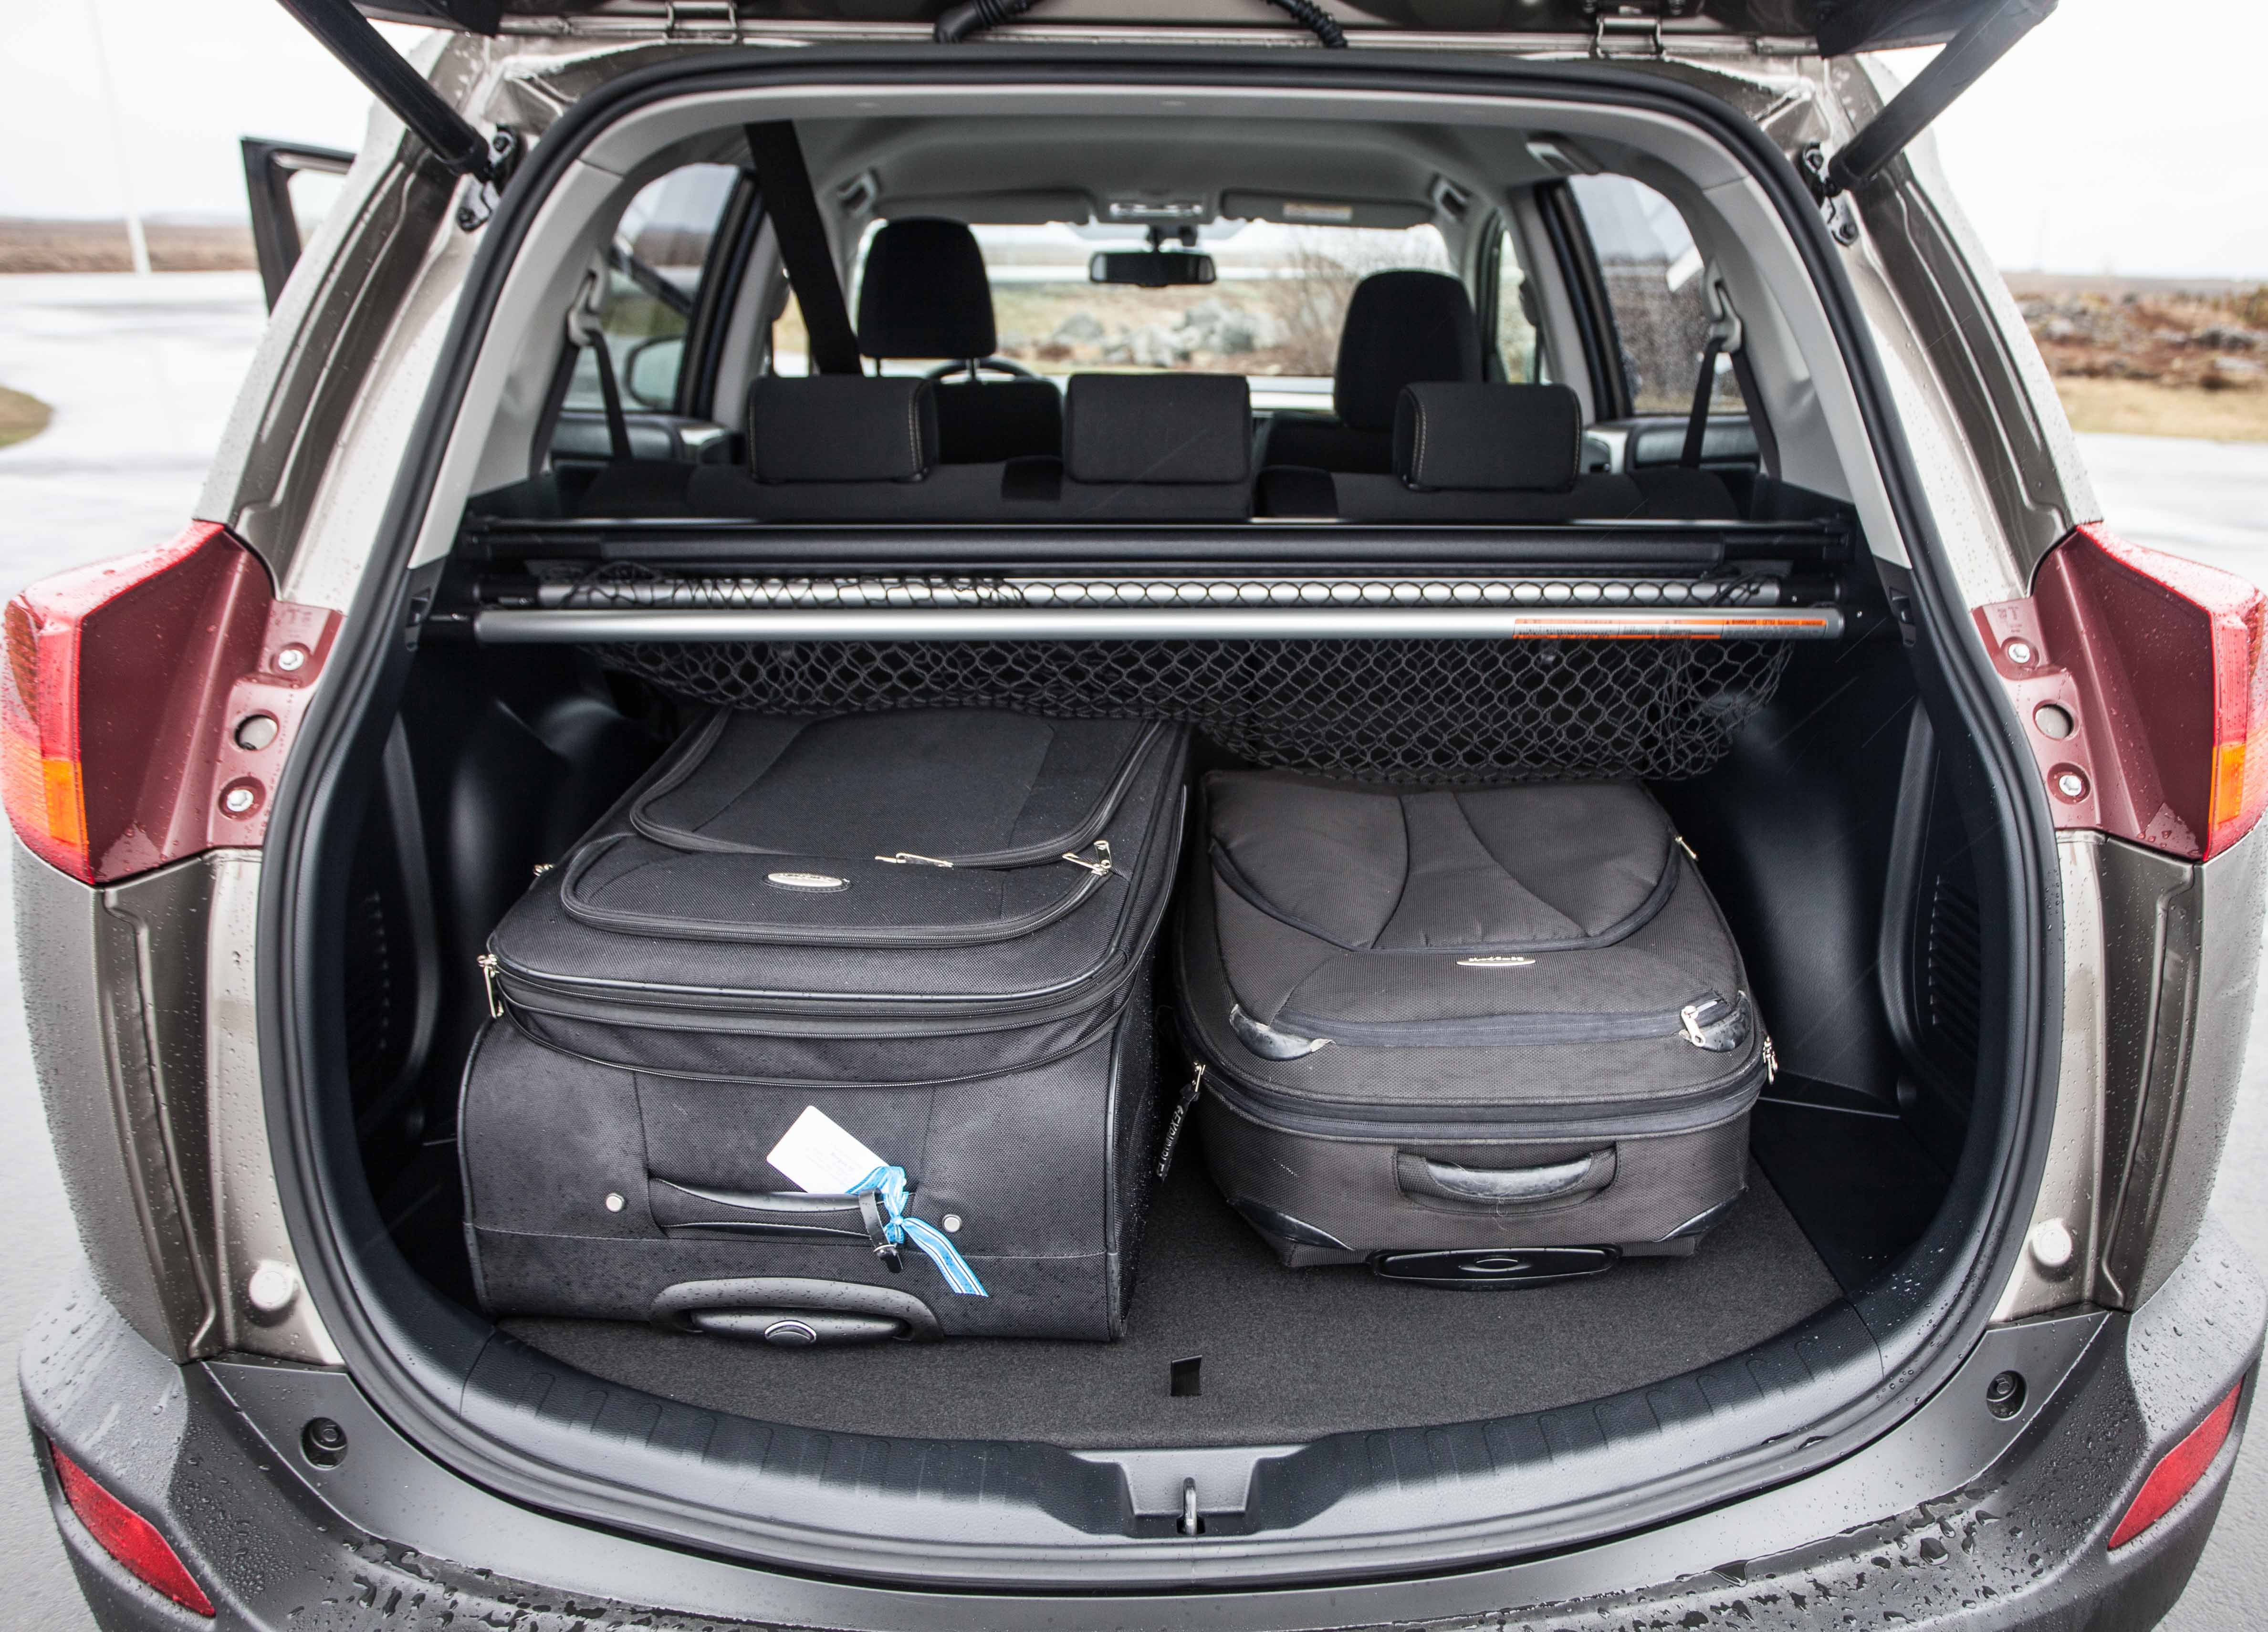 4x4 car hire for iceland highlands tour toyota rav4 4x4. Black Bedroom Furniture Sets. Home Design Ideas